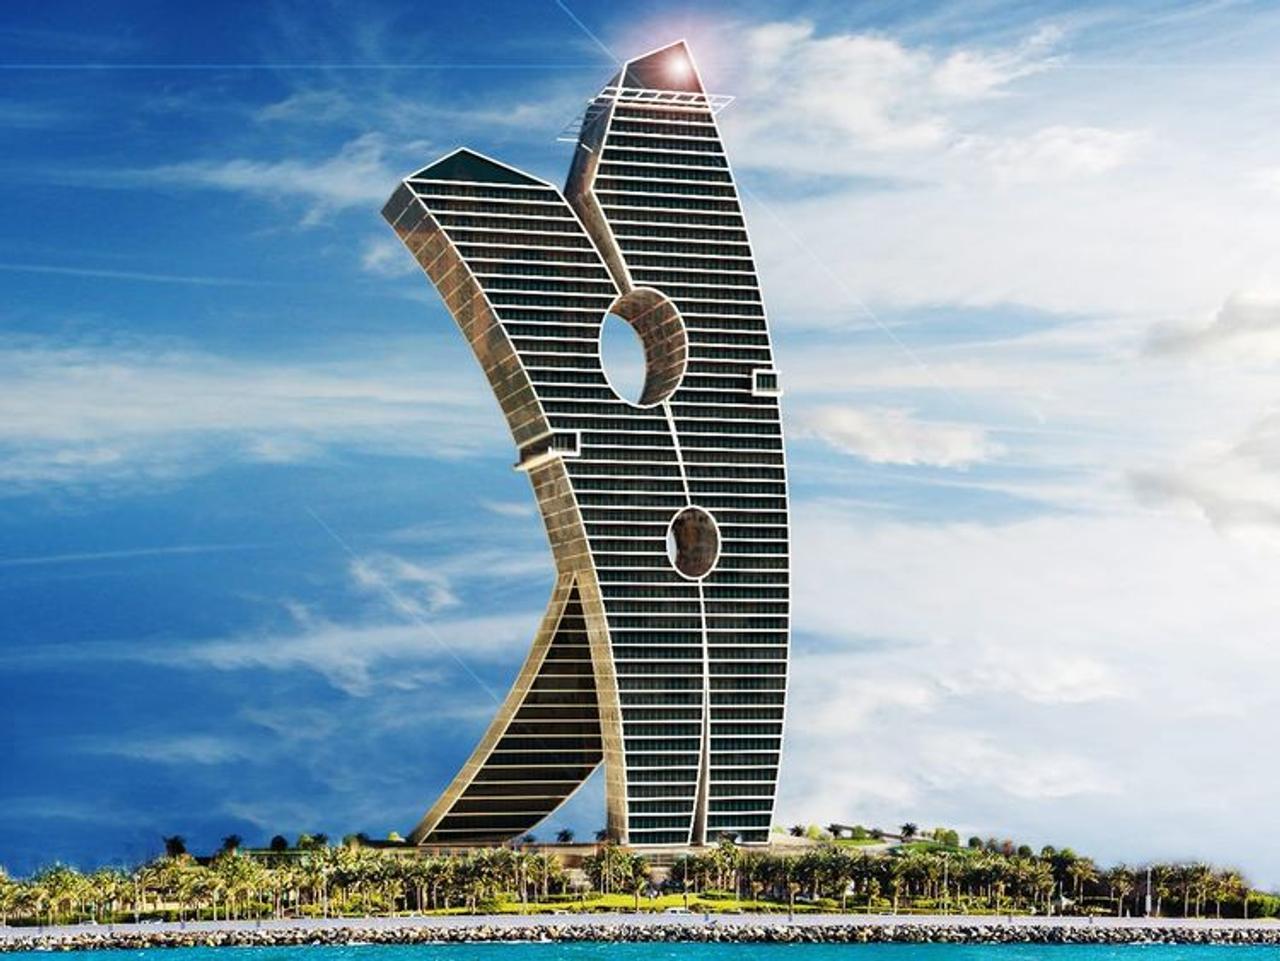 Израильская компания «Clothespin» планирует построить в Дубае самое оригинальное здание в мире – «Башню прищепку»